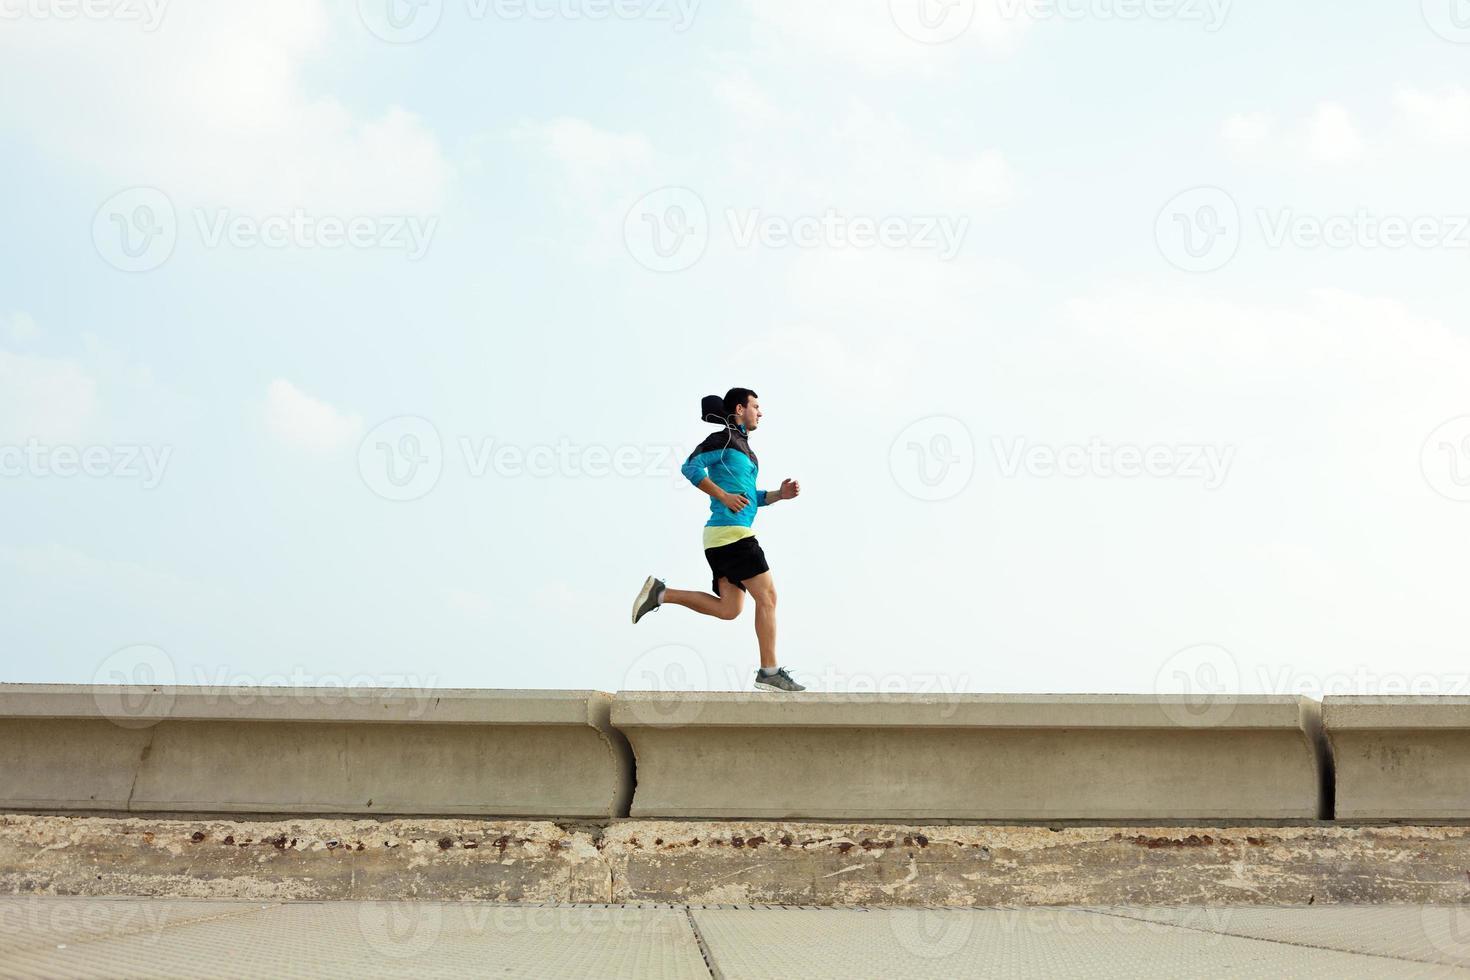 Sportler läuft auf Betongrenze foto